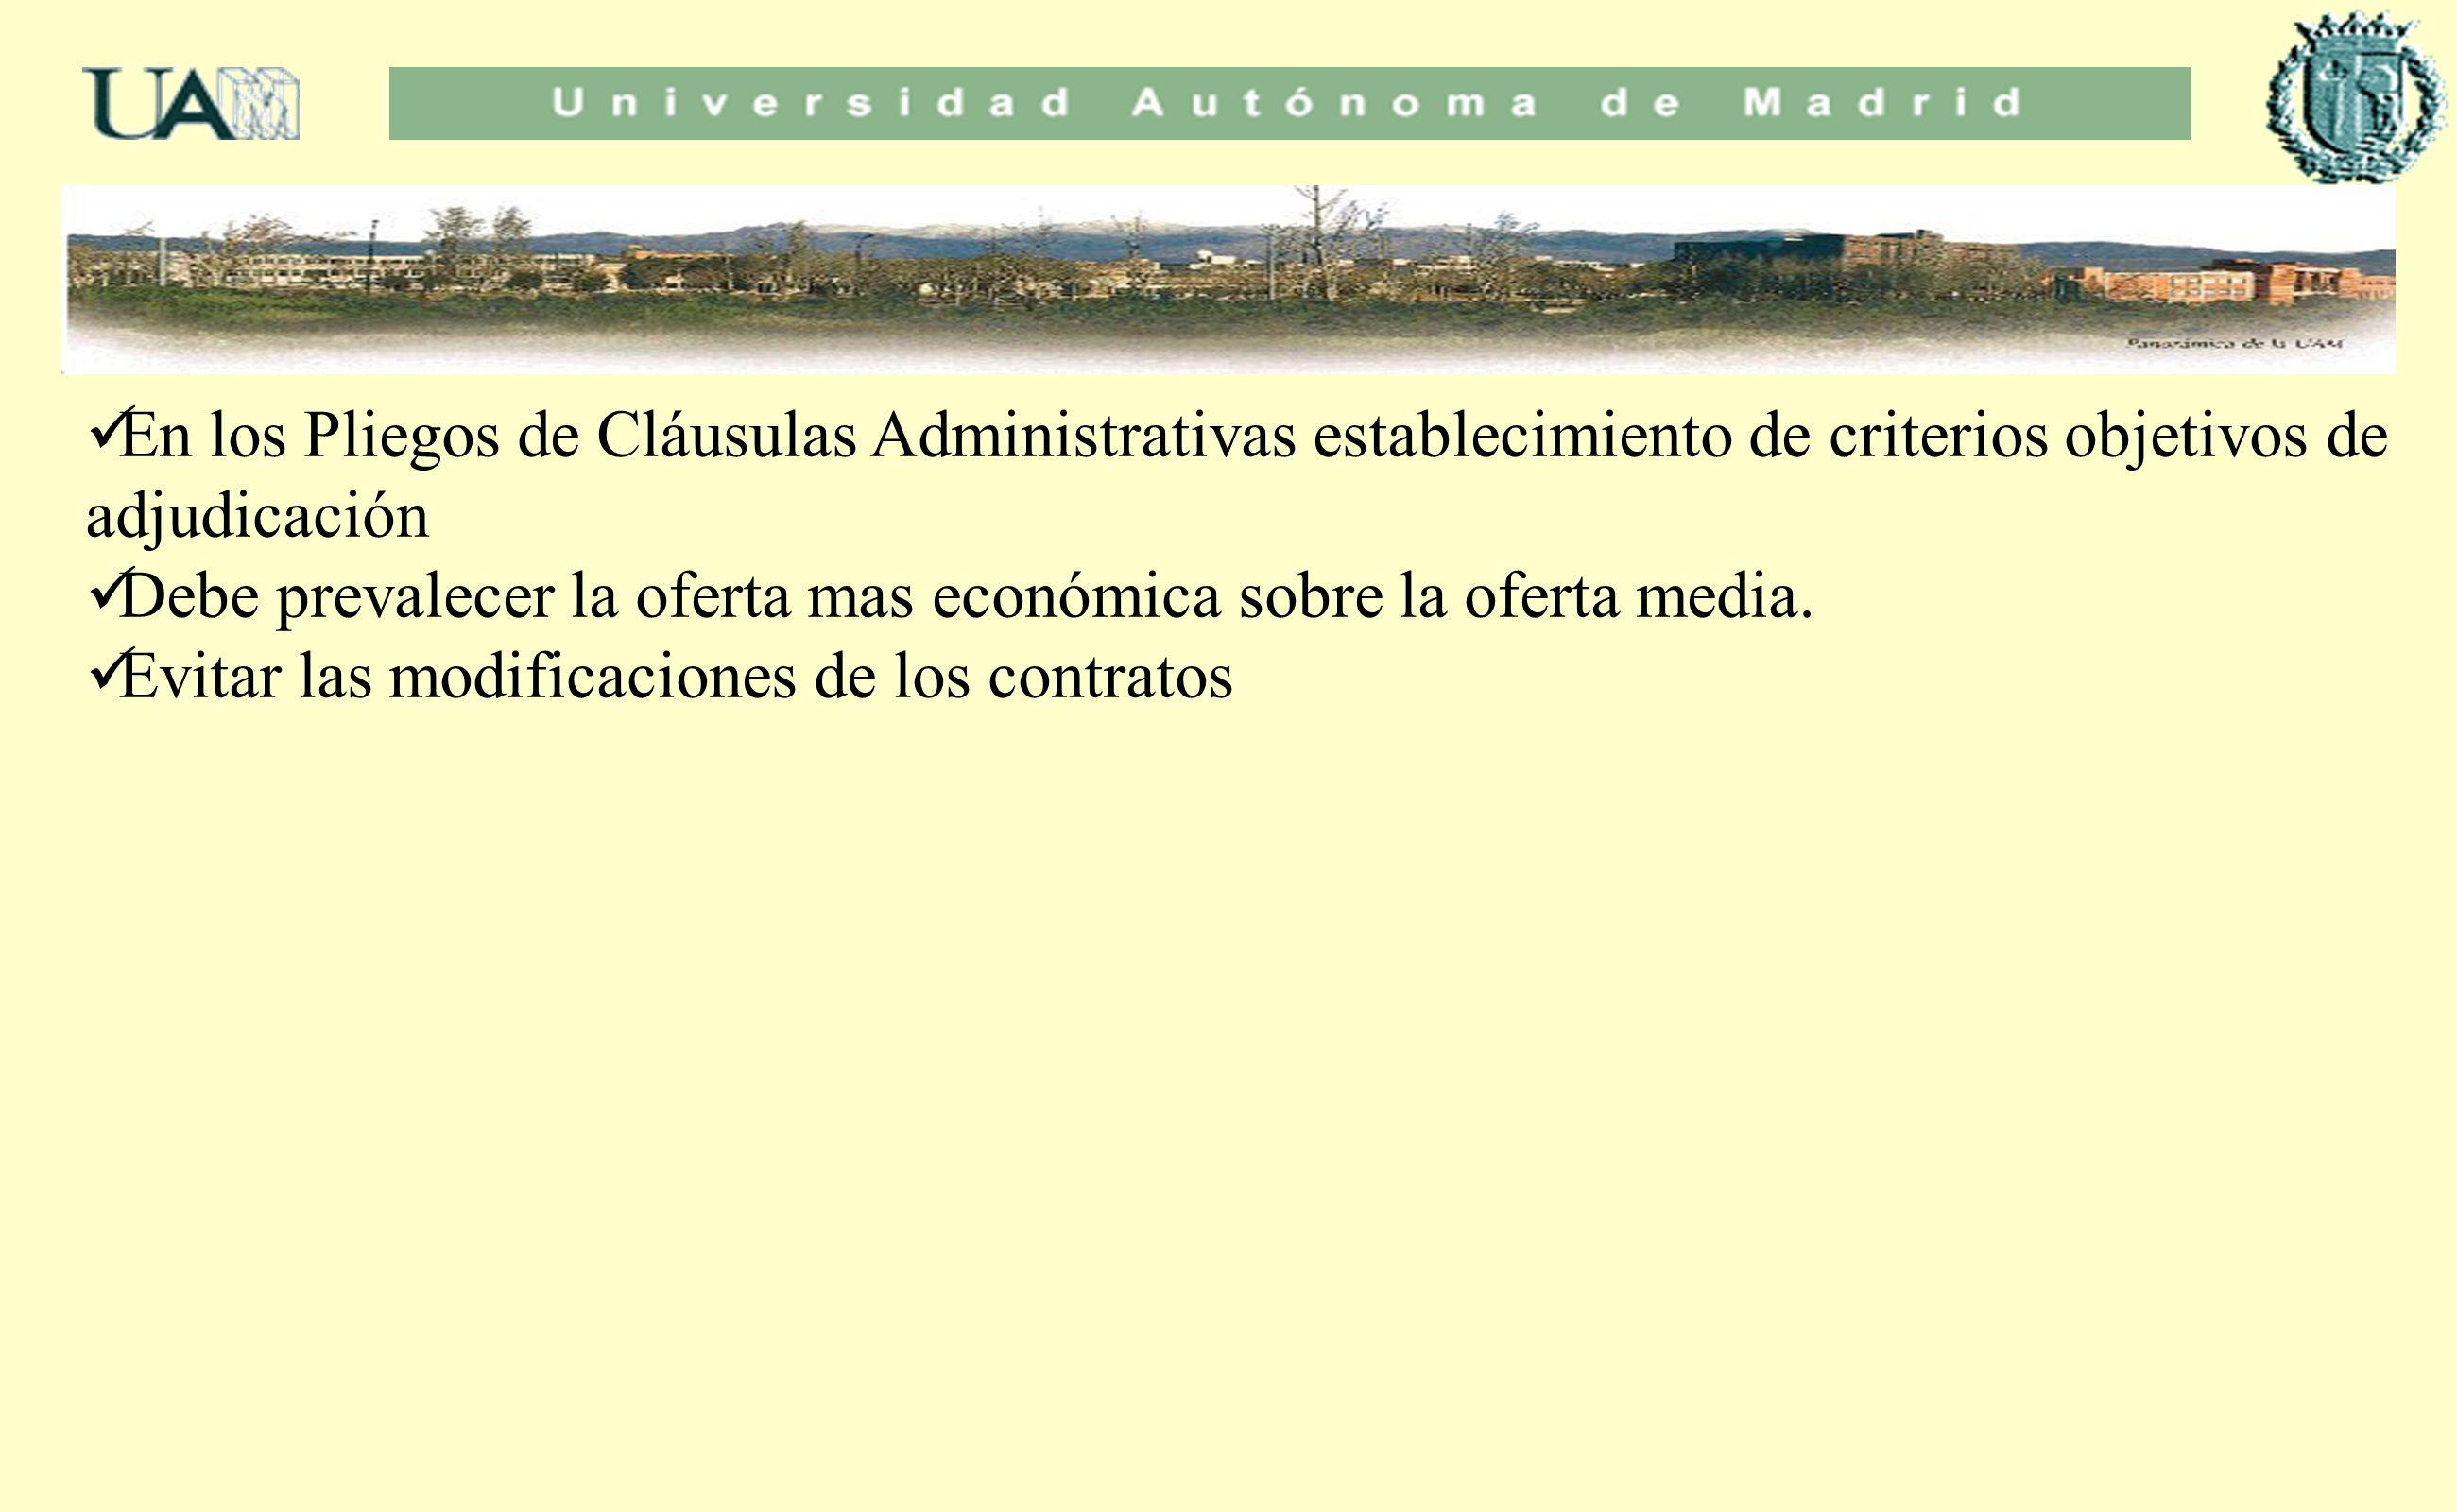 En los Pliegos de Cláusulas Administrativas establecimiento de criterios objetivos de adjudicación